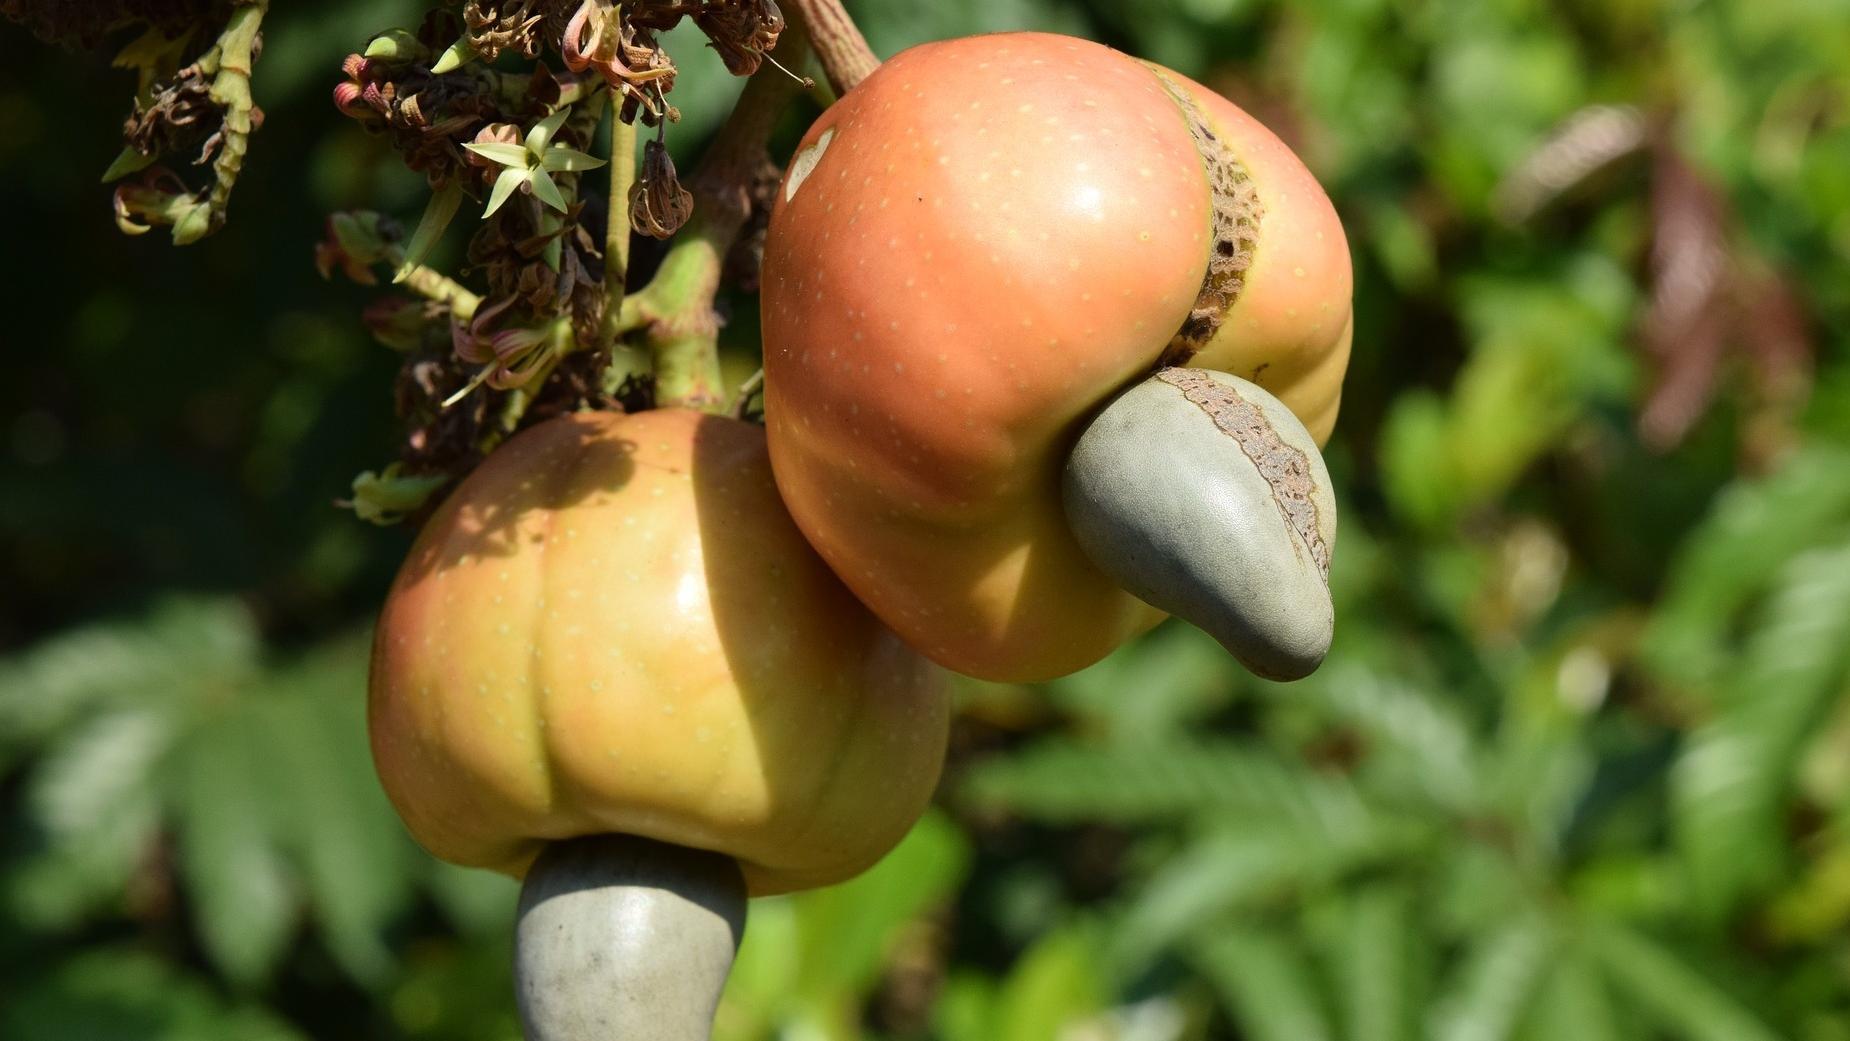 Die Früchte an denen die Cashewkerne wachsen, sehen aus wie Äpfel.